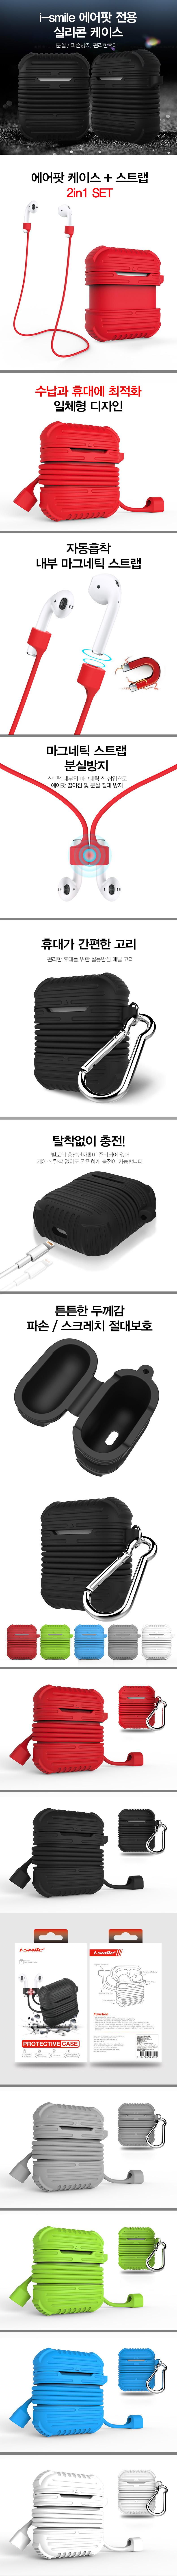 i-smile 에어팟 캡슐형 실리콘케이스+스트랩 포함 - 유삼스, 7,900원, 케이스, 에어팟